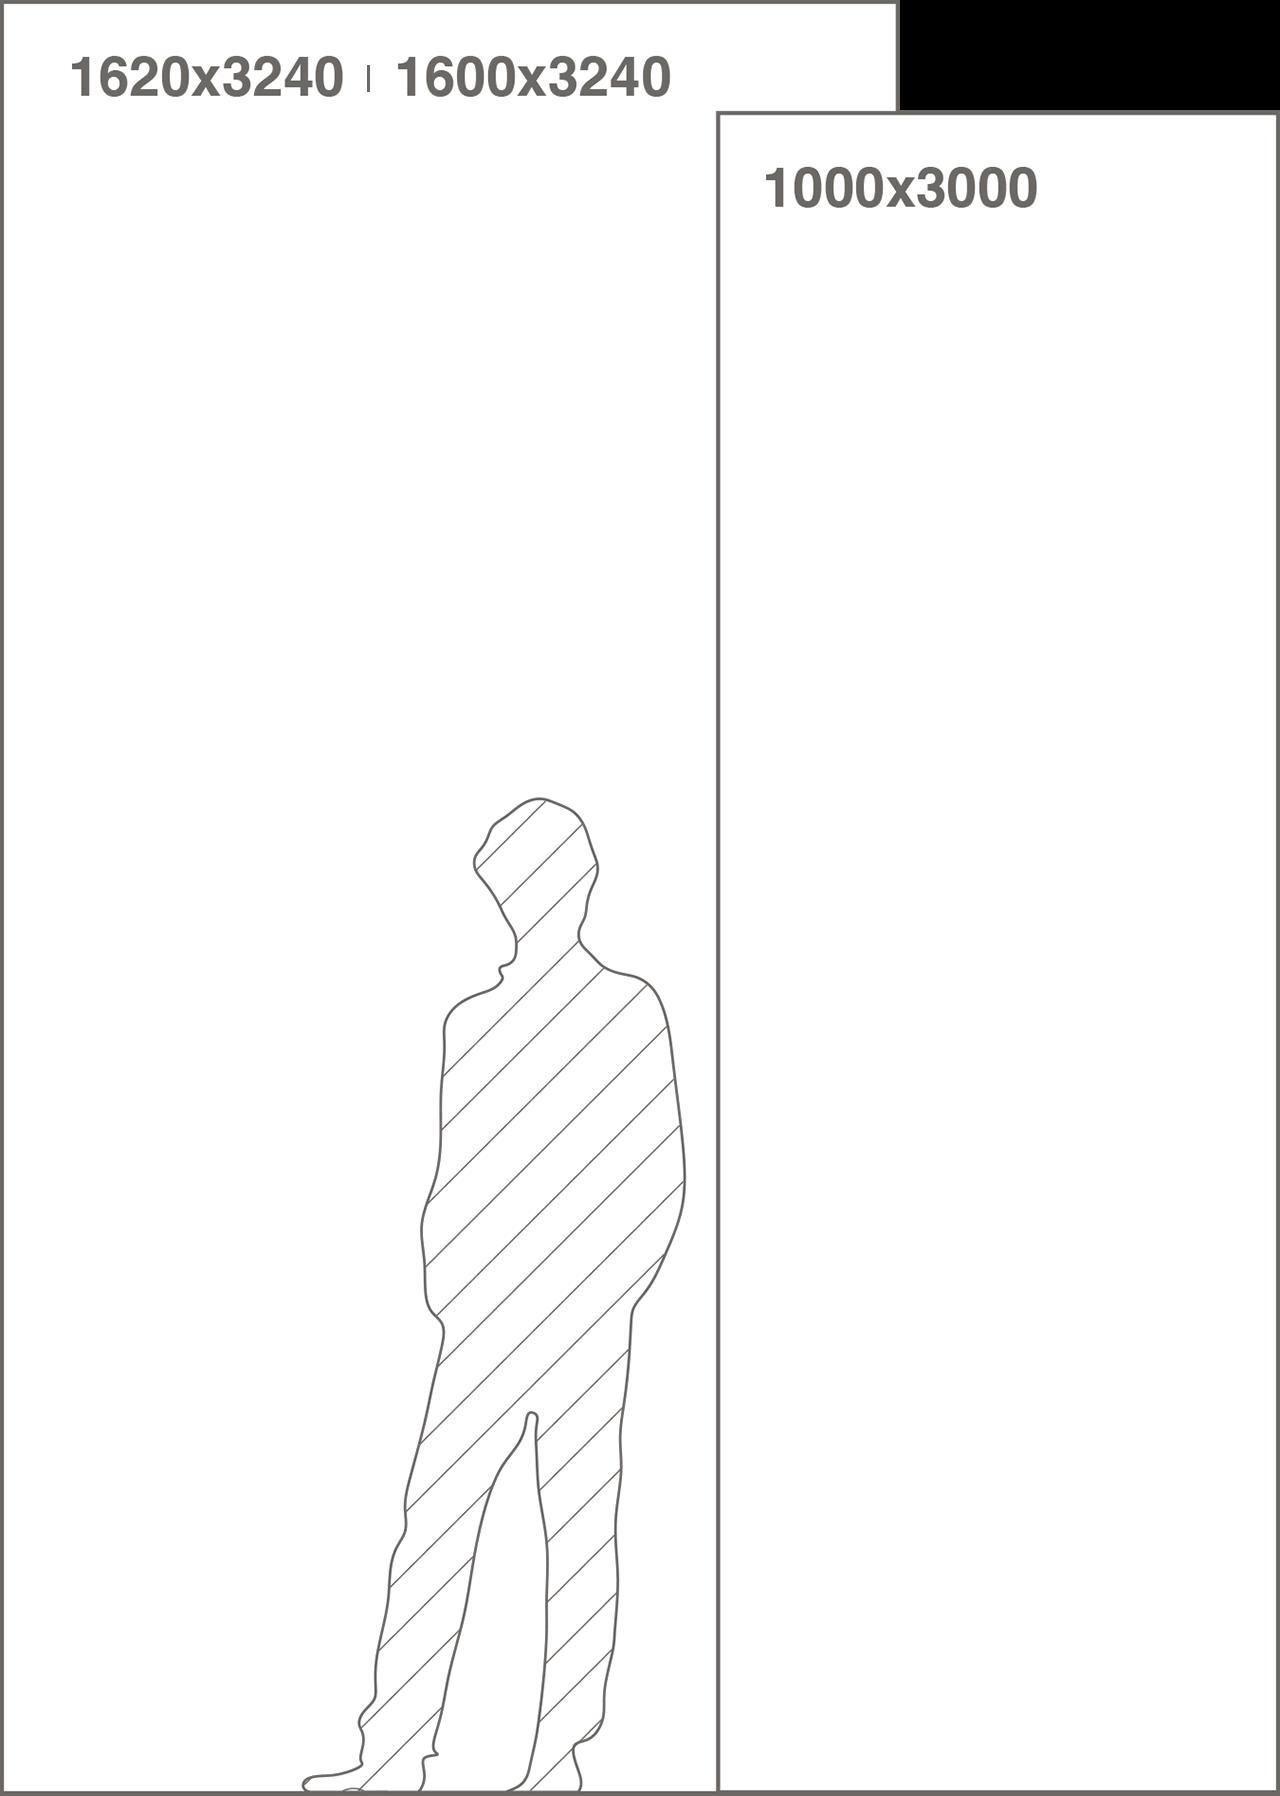 formatos-coverlamtop 2021